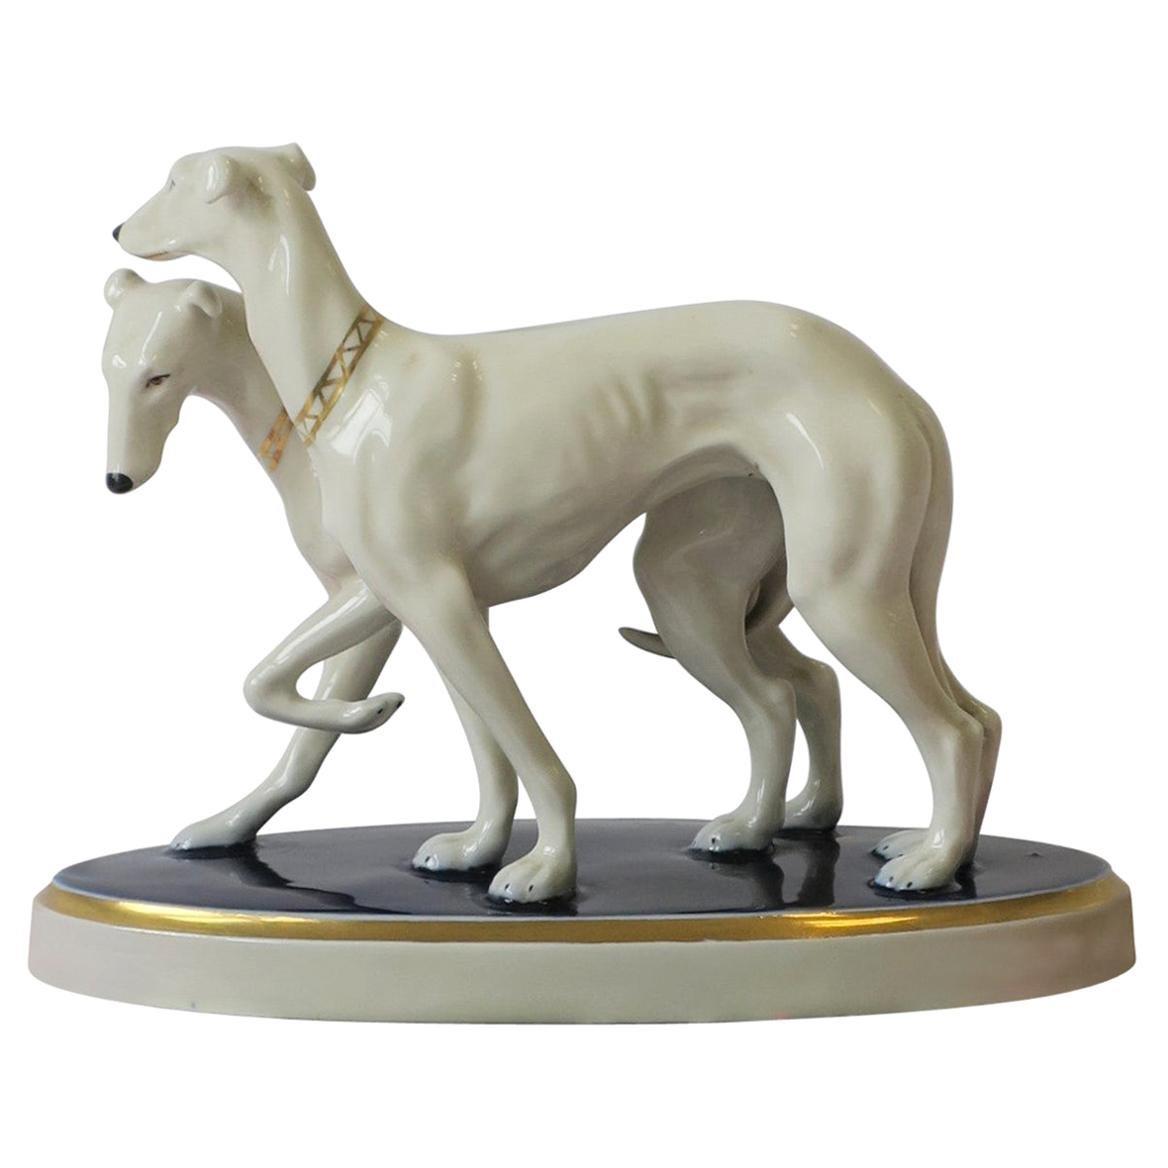 European Royal Dux Bohemia White Porcelain Greyhound Dogs Sculpture